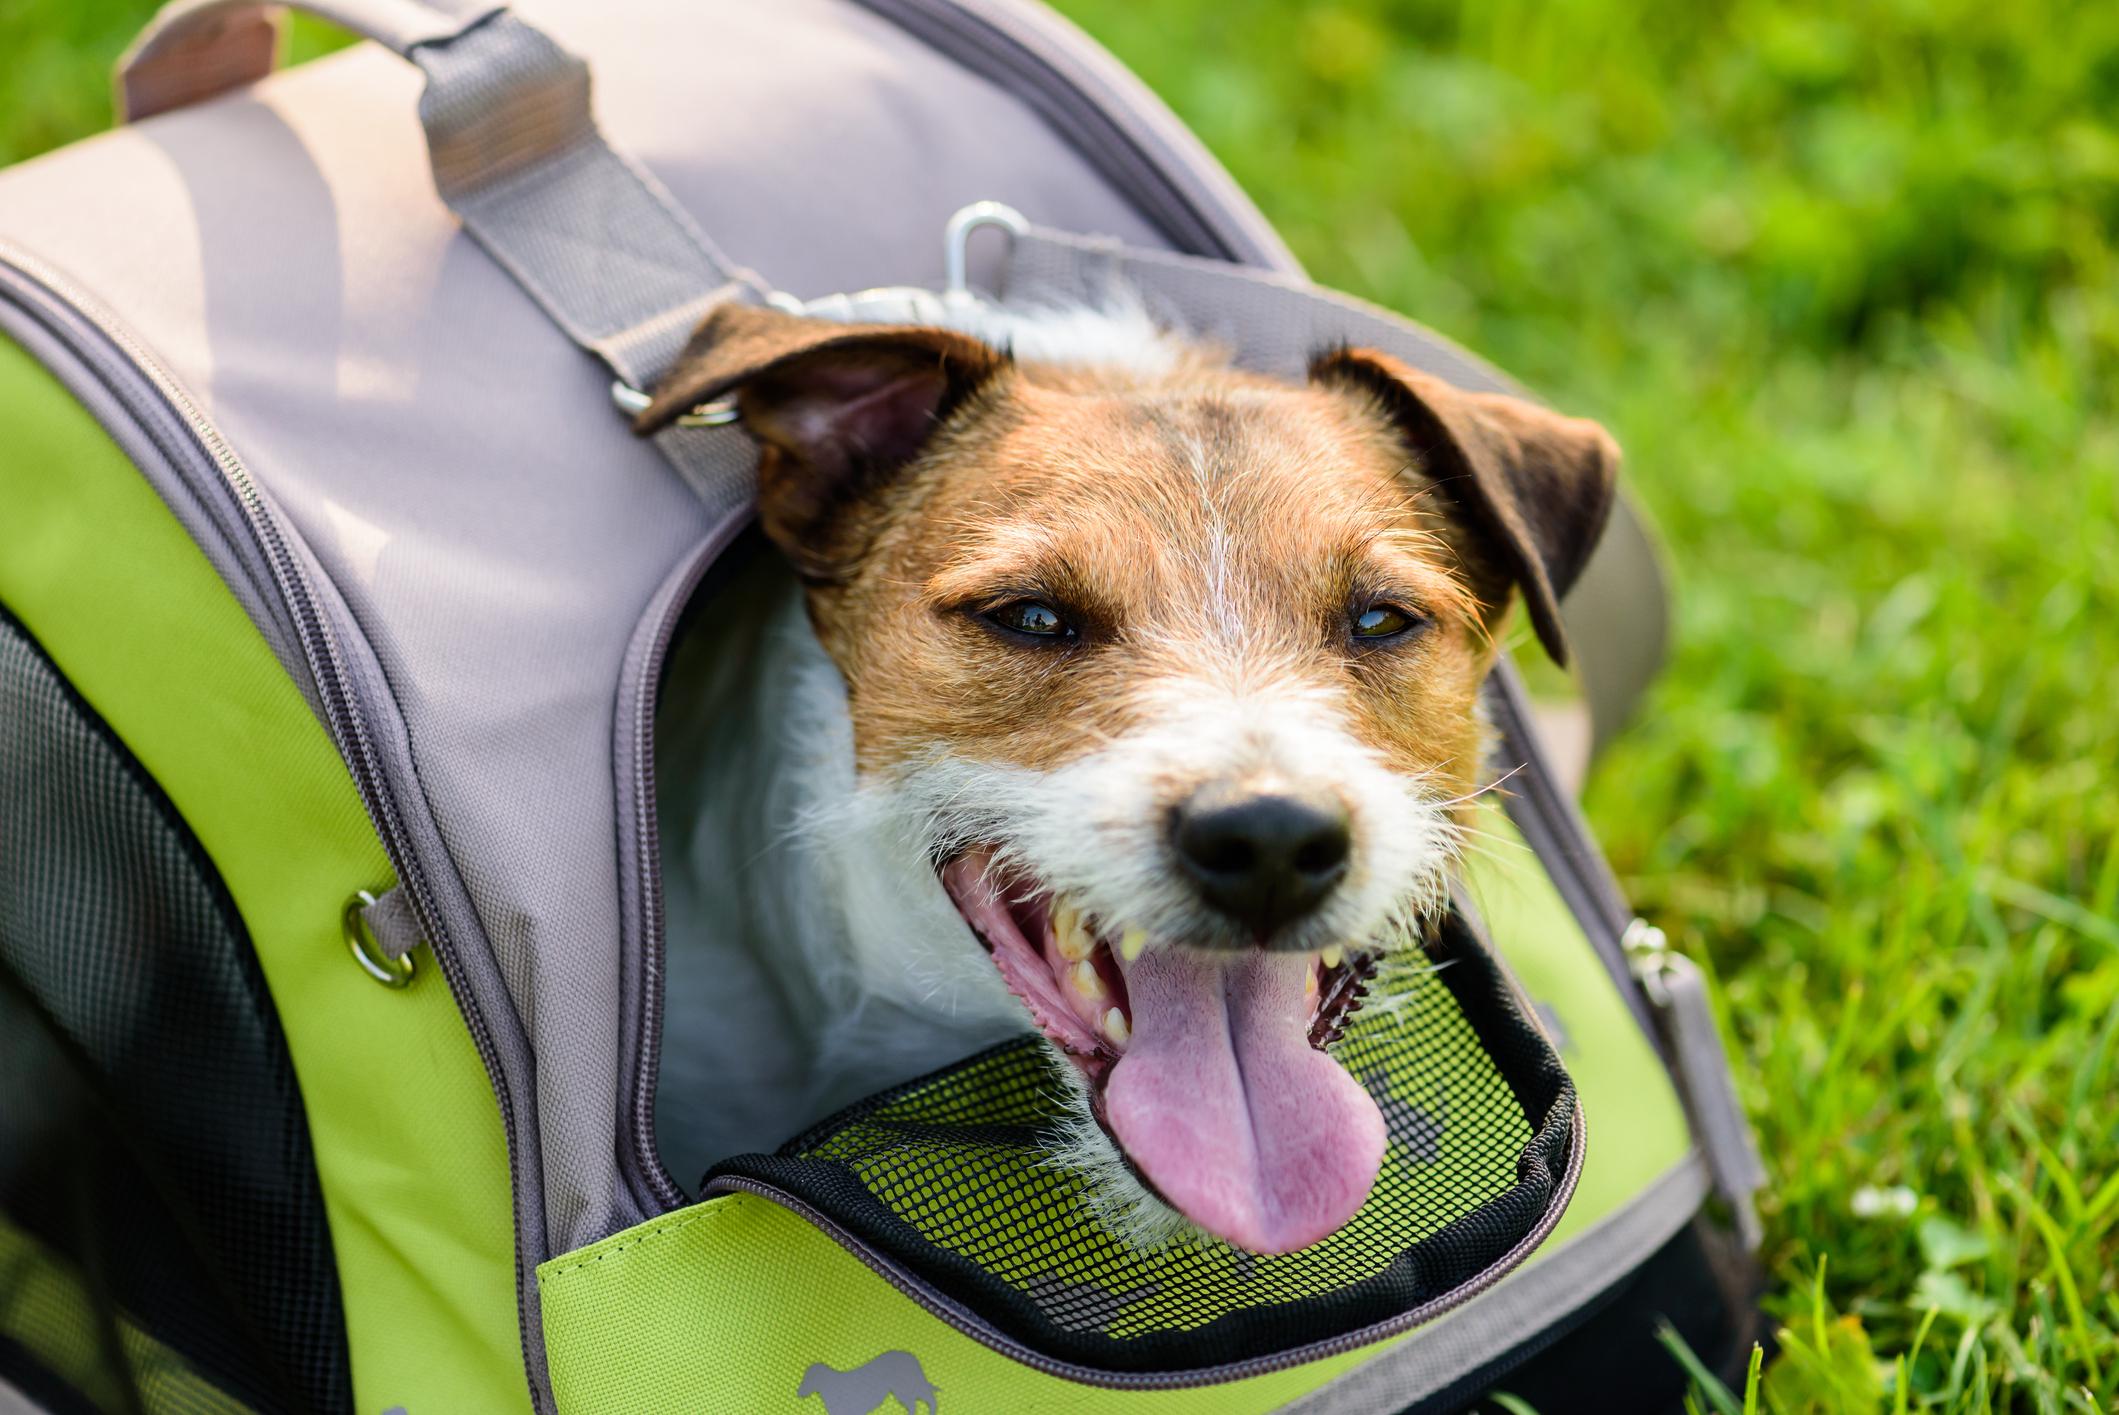 Dog Inside the dog bag